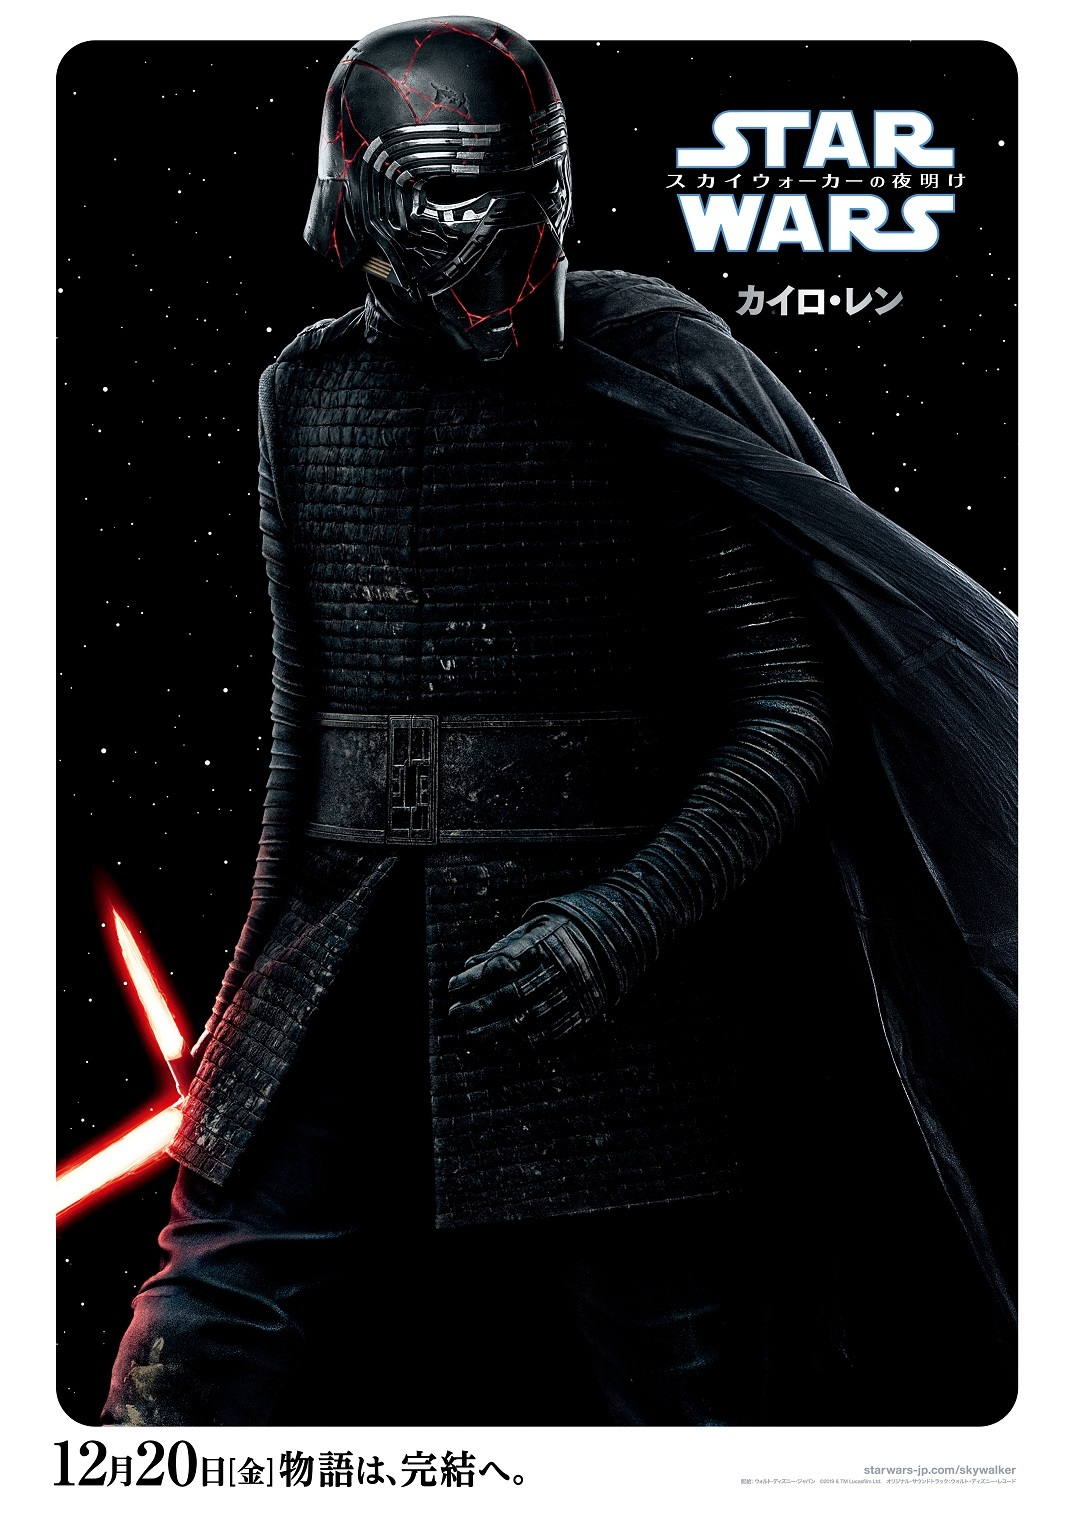 カイロ・レン (C)2019 Lucasfilm Ltd. All Rights Reserved.